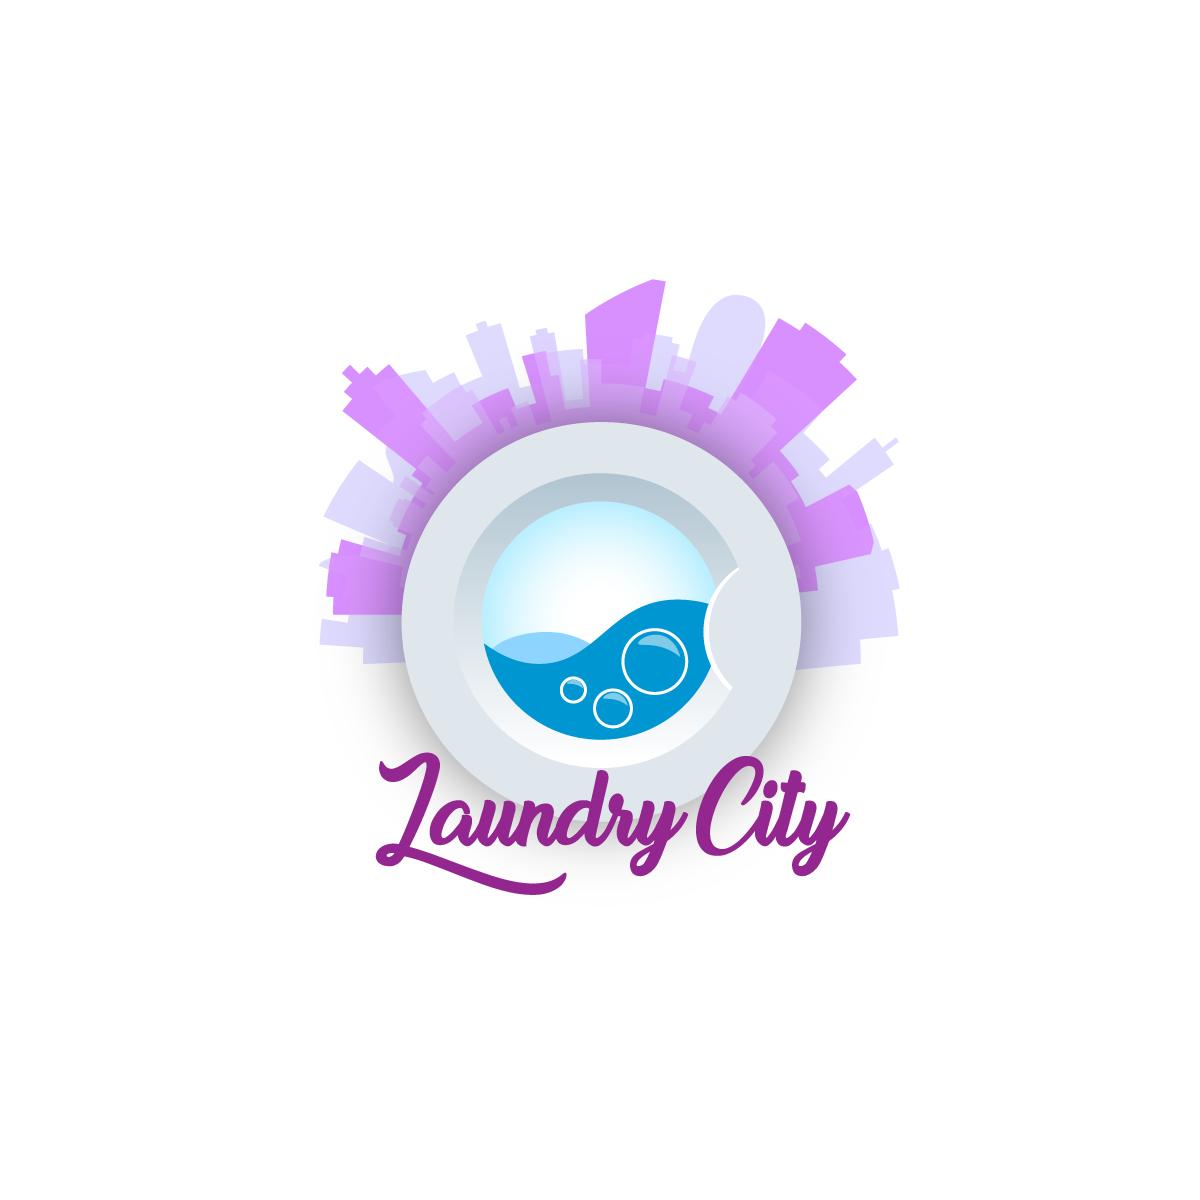 laundary-city